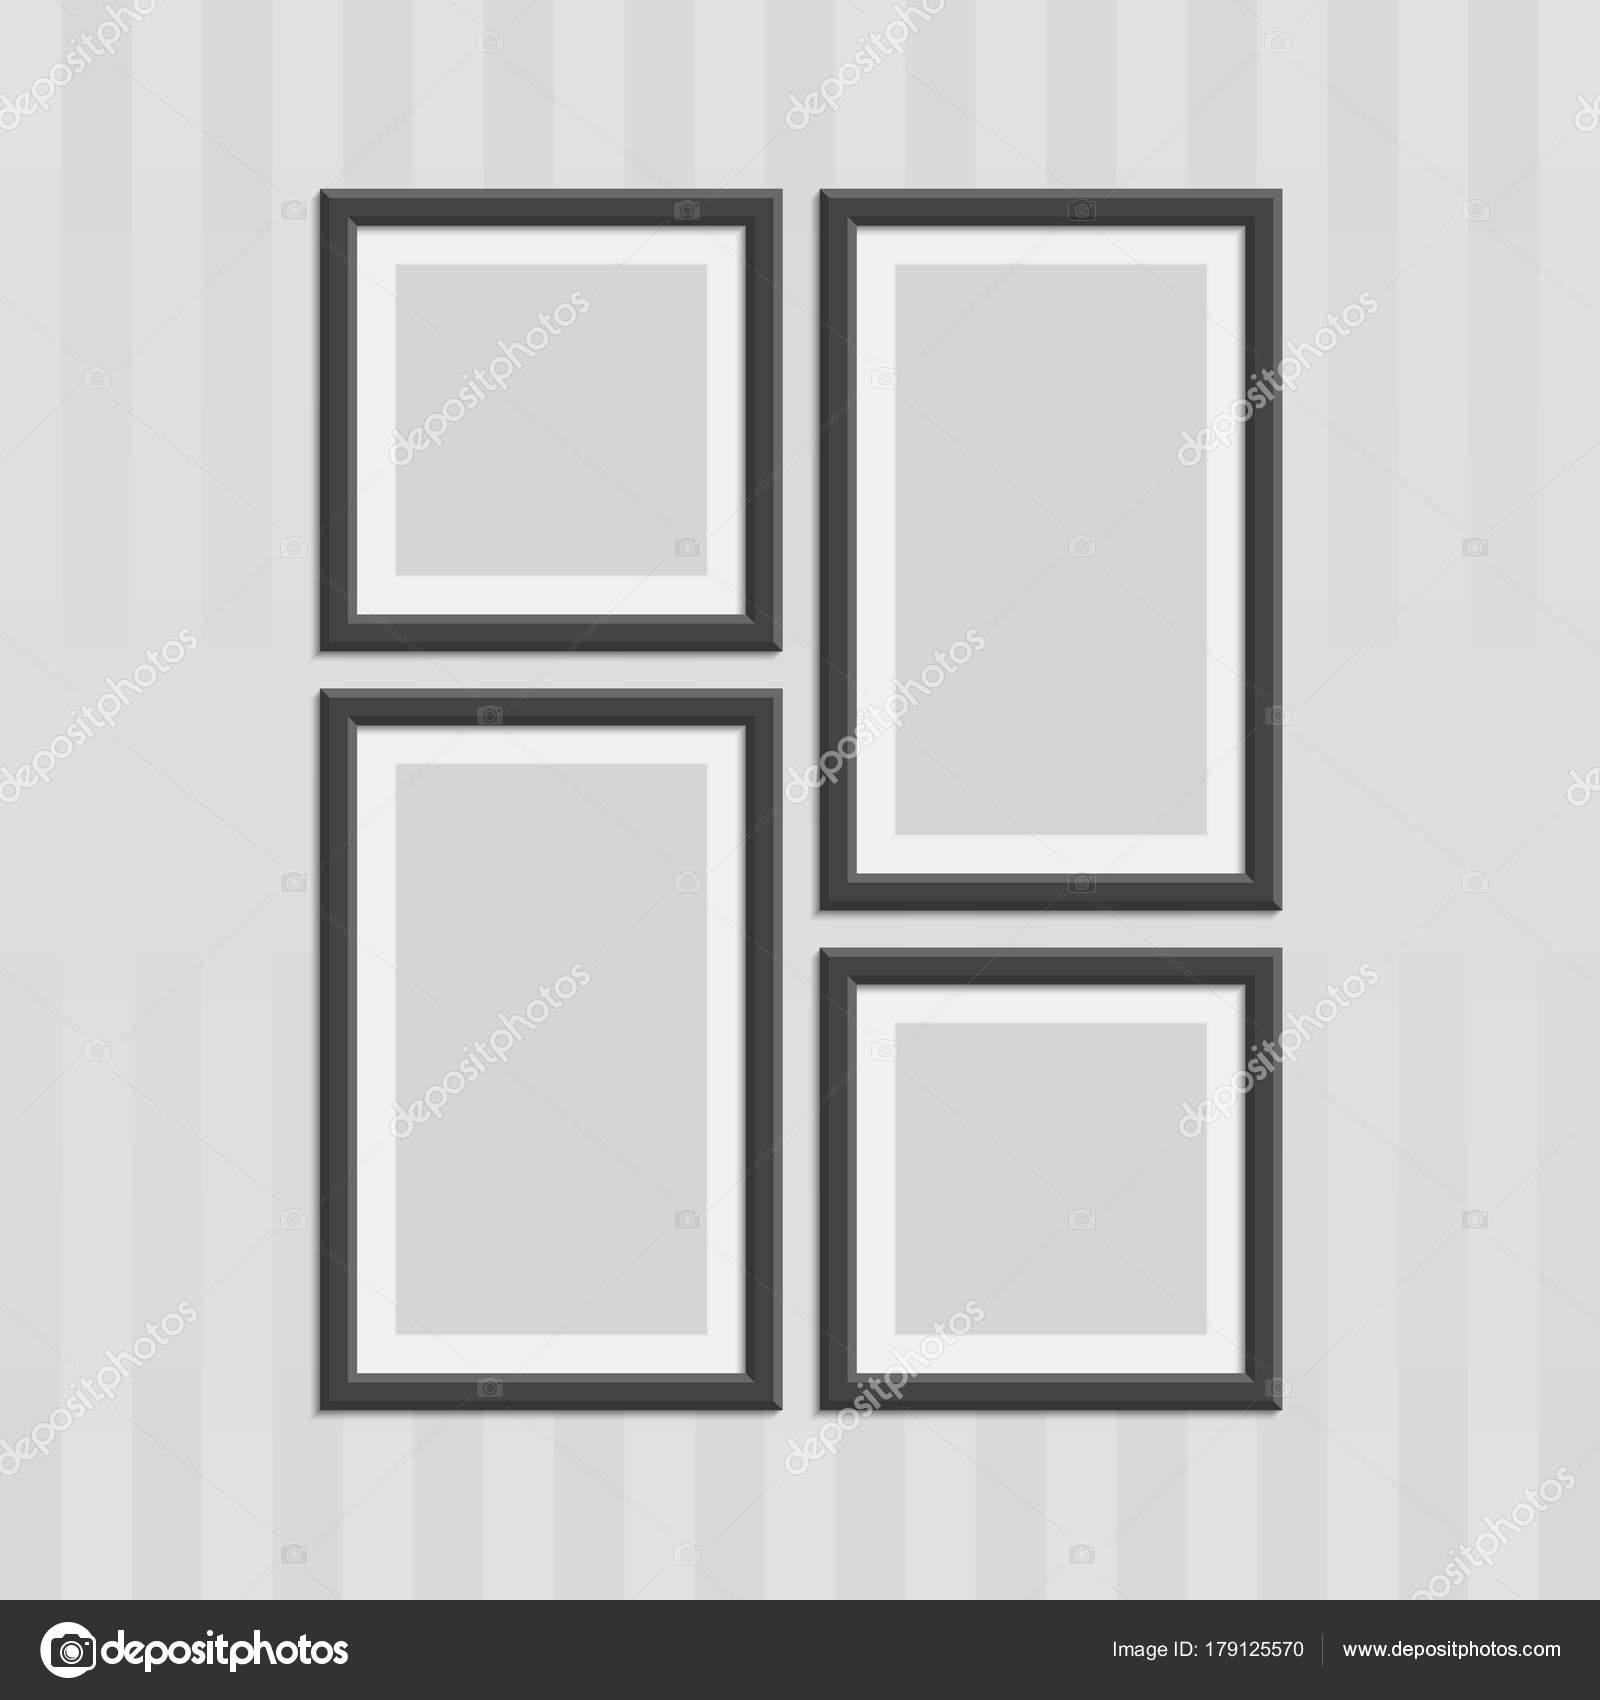 conjunto de marcos de foto de madera — Archivo Imágenes Vectoriales ...